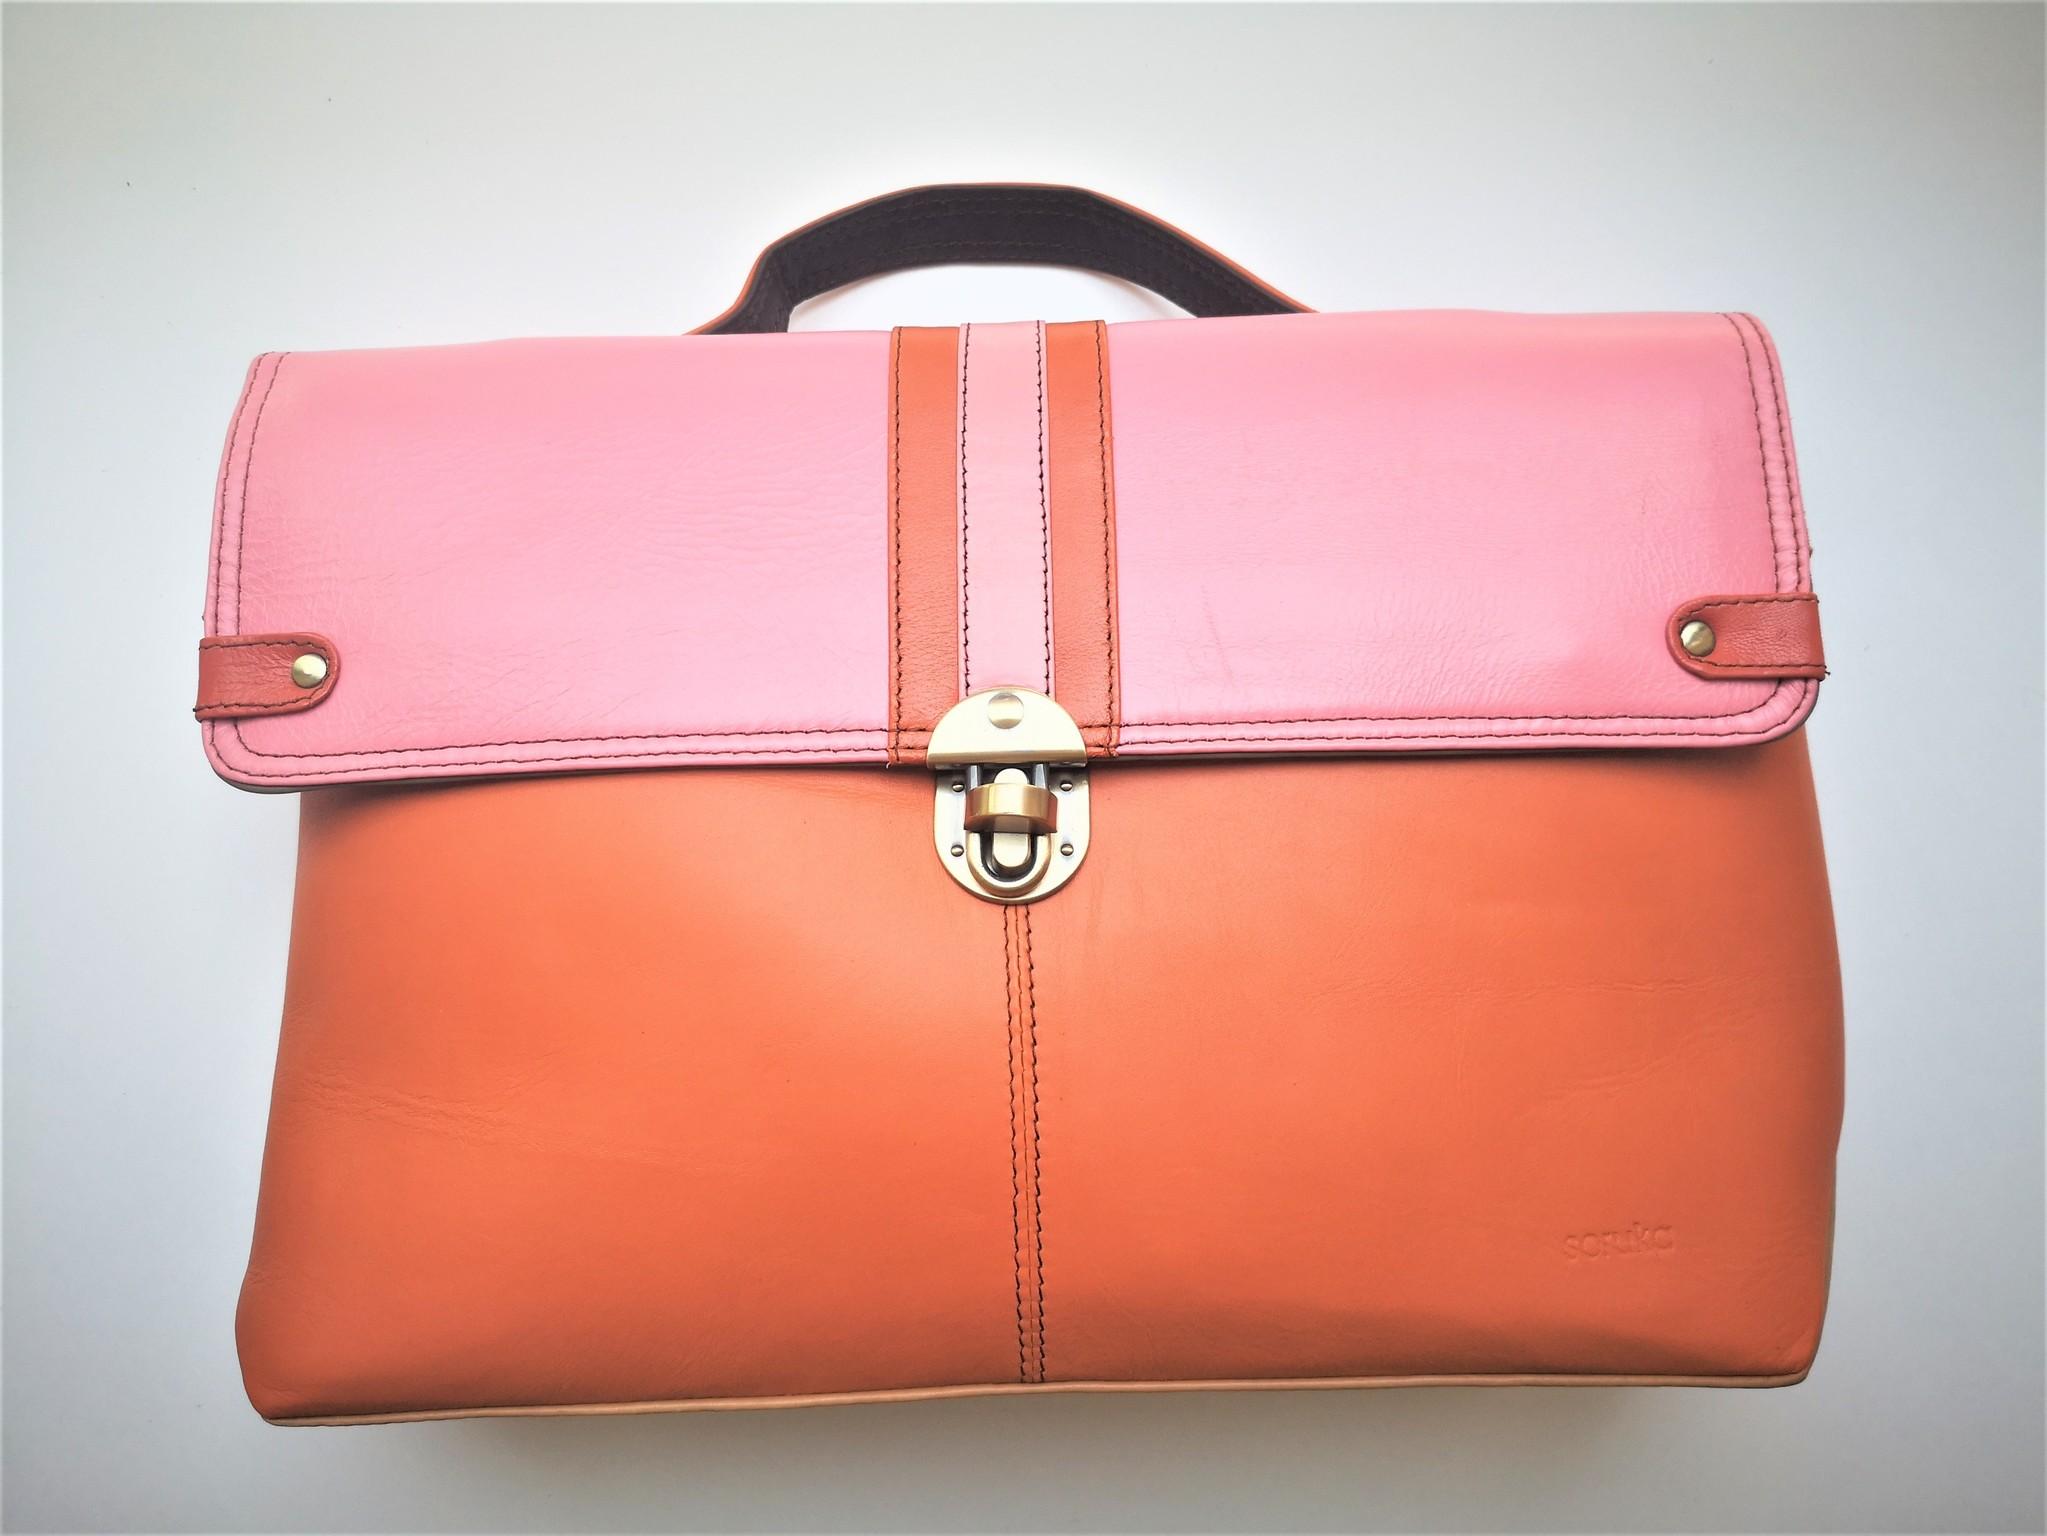 Gerecycleerde Handtas - Orleans Leather Bag Roos/Oranje-1